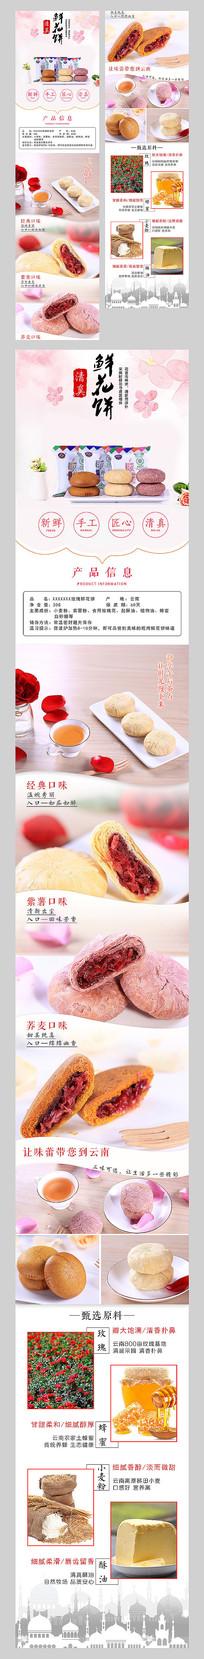 鲜花饼详情页设计